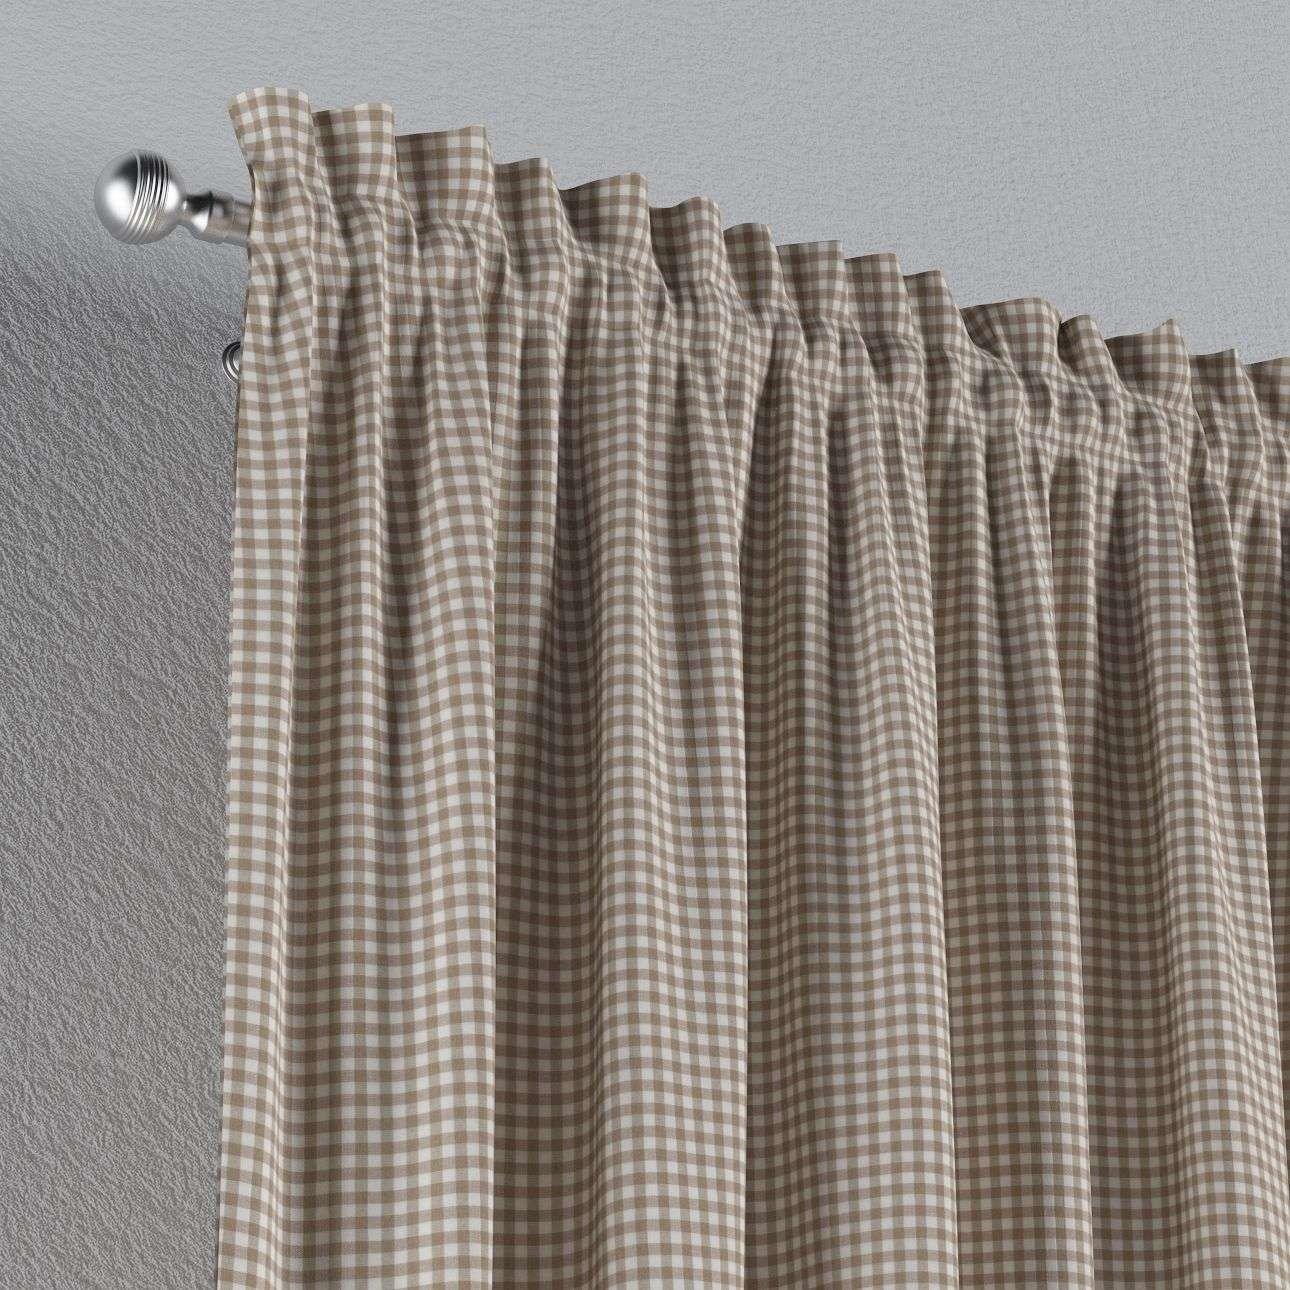 Zasłona na kanale z grzywką 1 szt. w kolekcji Quadro, tkanina: 136-05